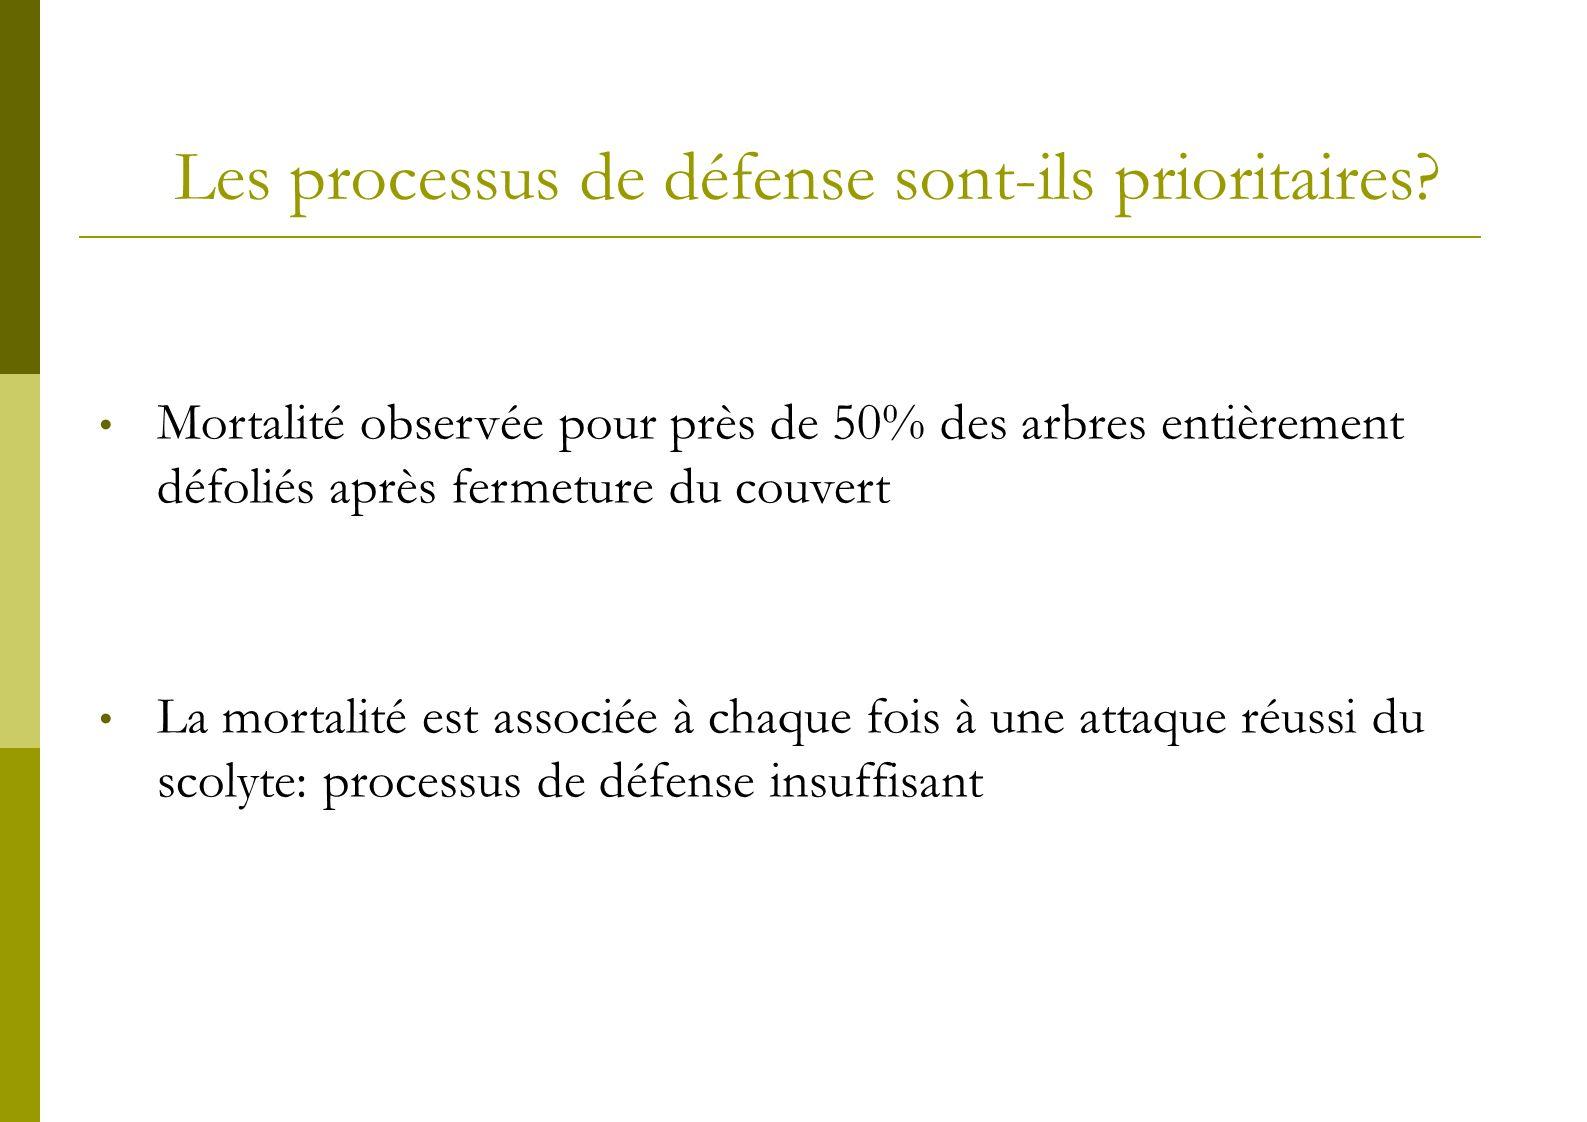 Les processus de défense sont-ils prioritaires